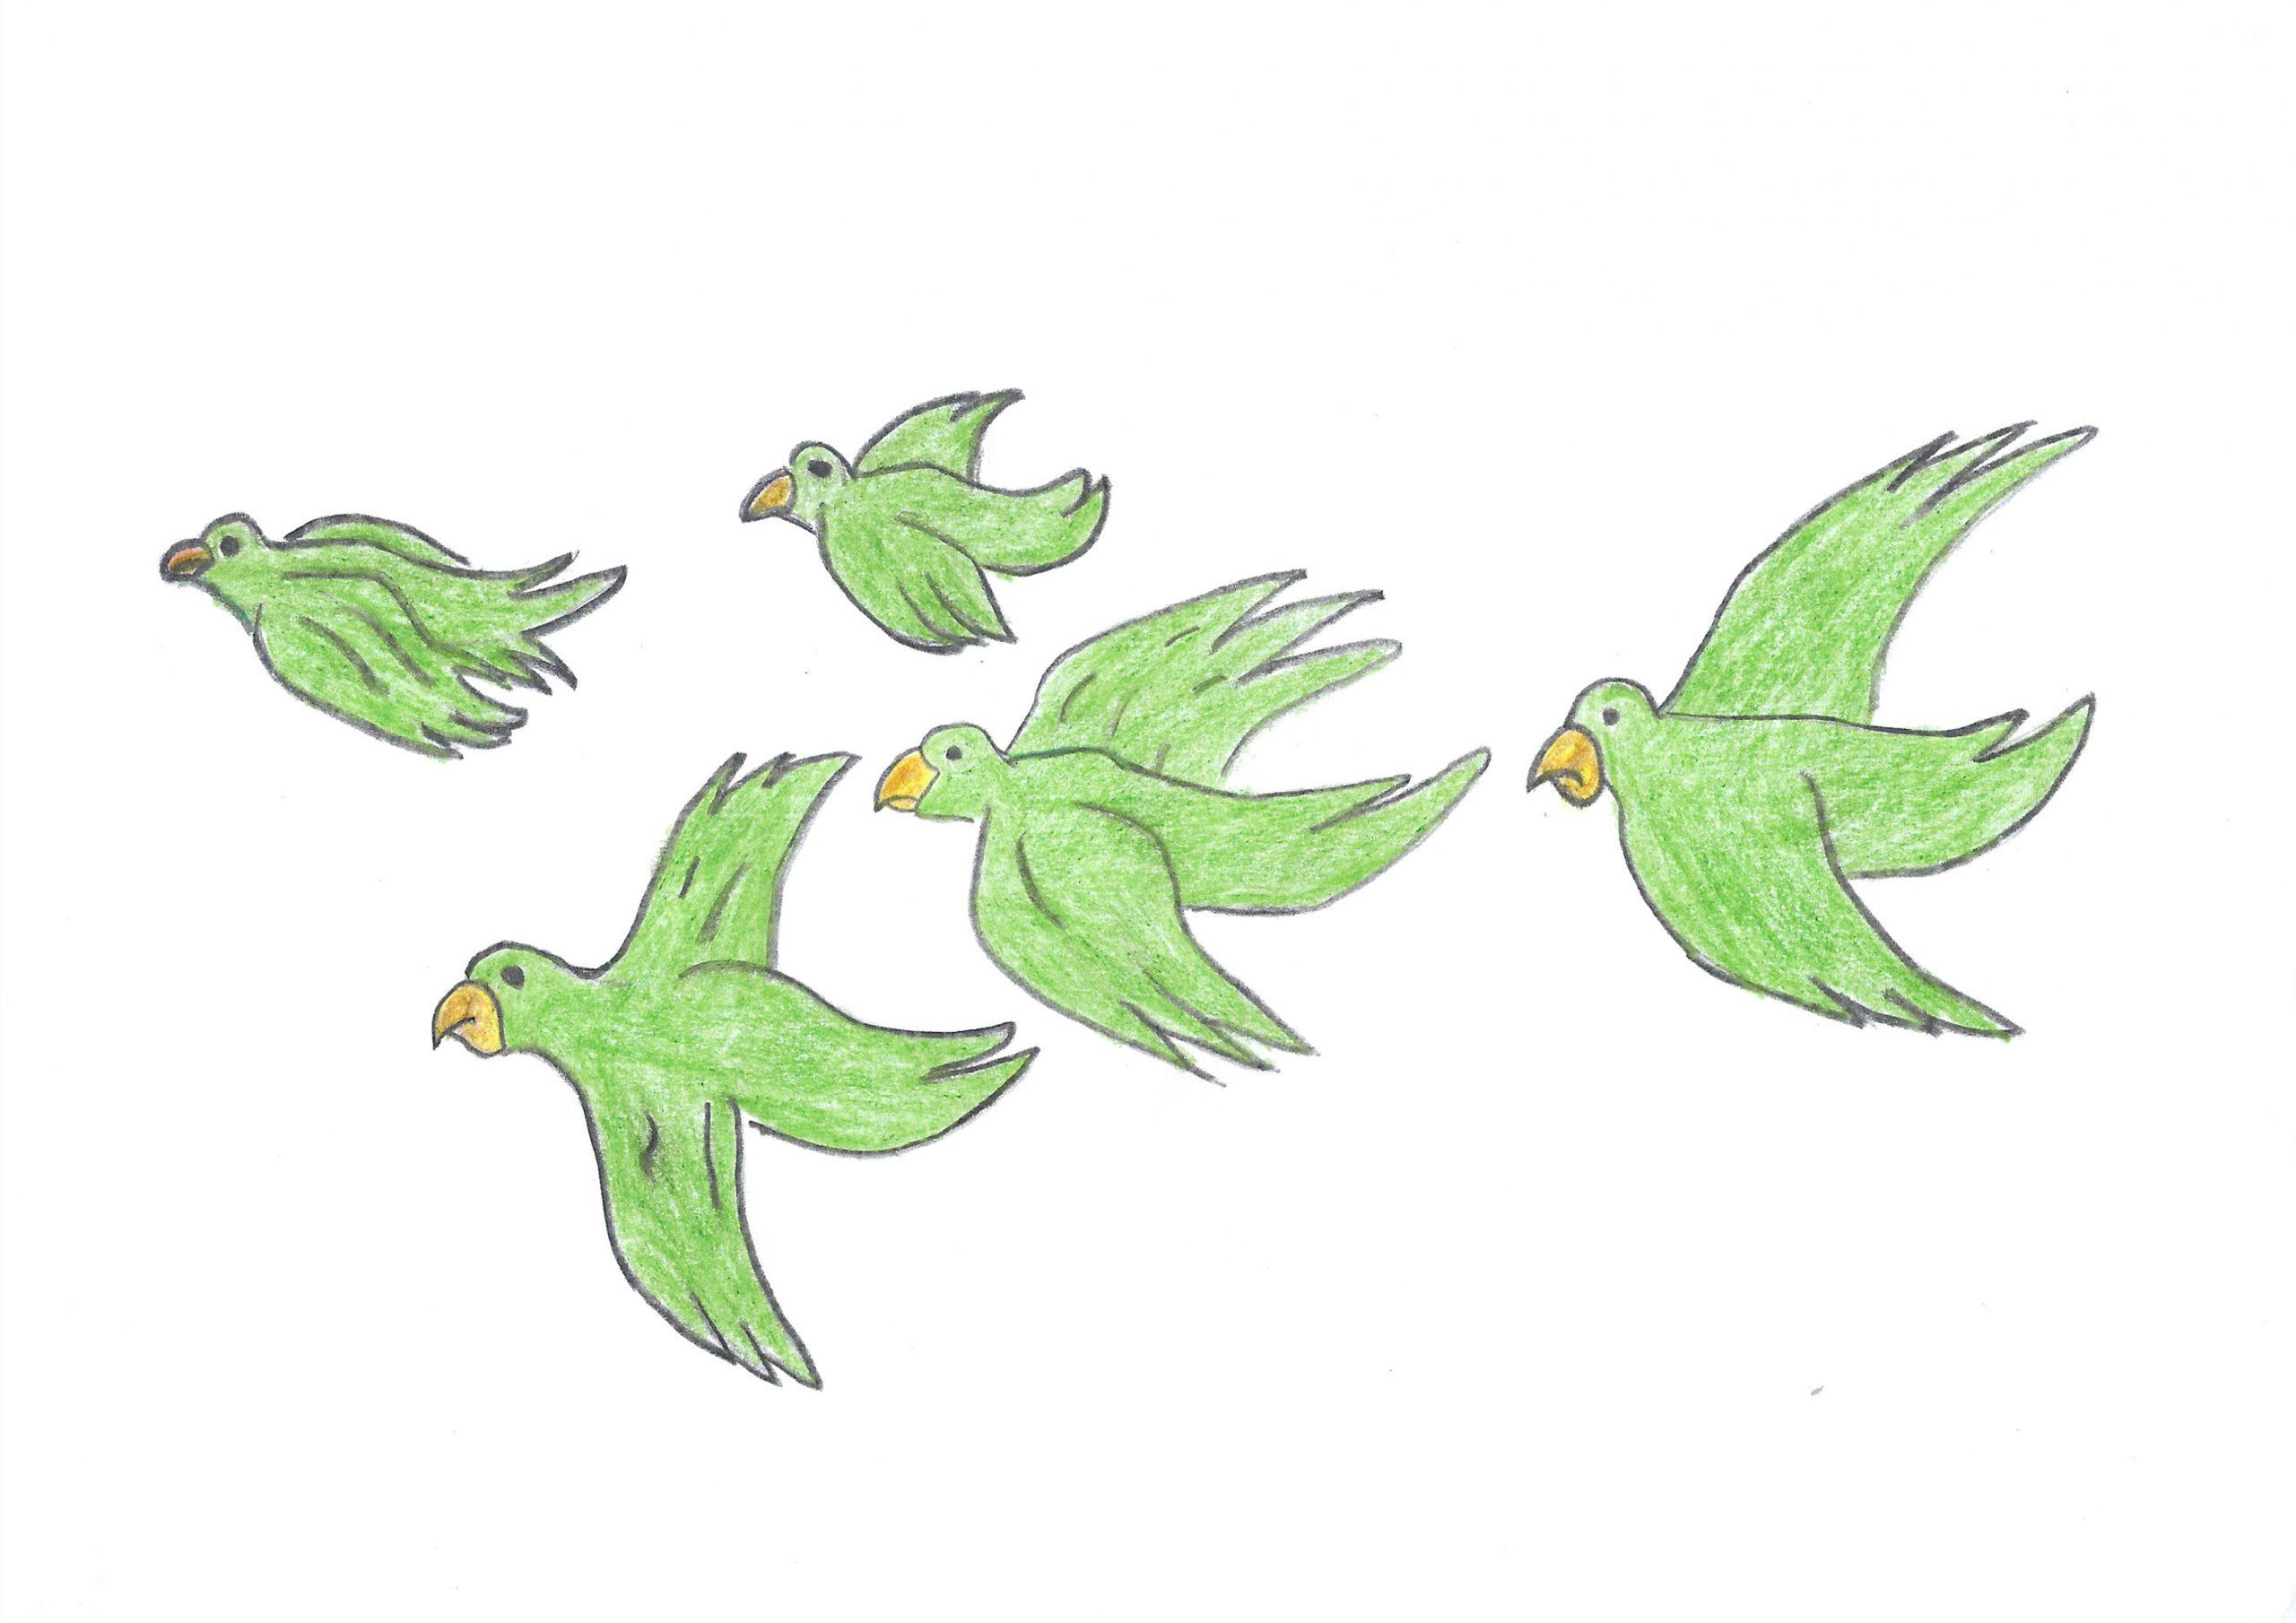 Umi guyra kuera oveve oñondivepa — The birds fly together